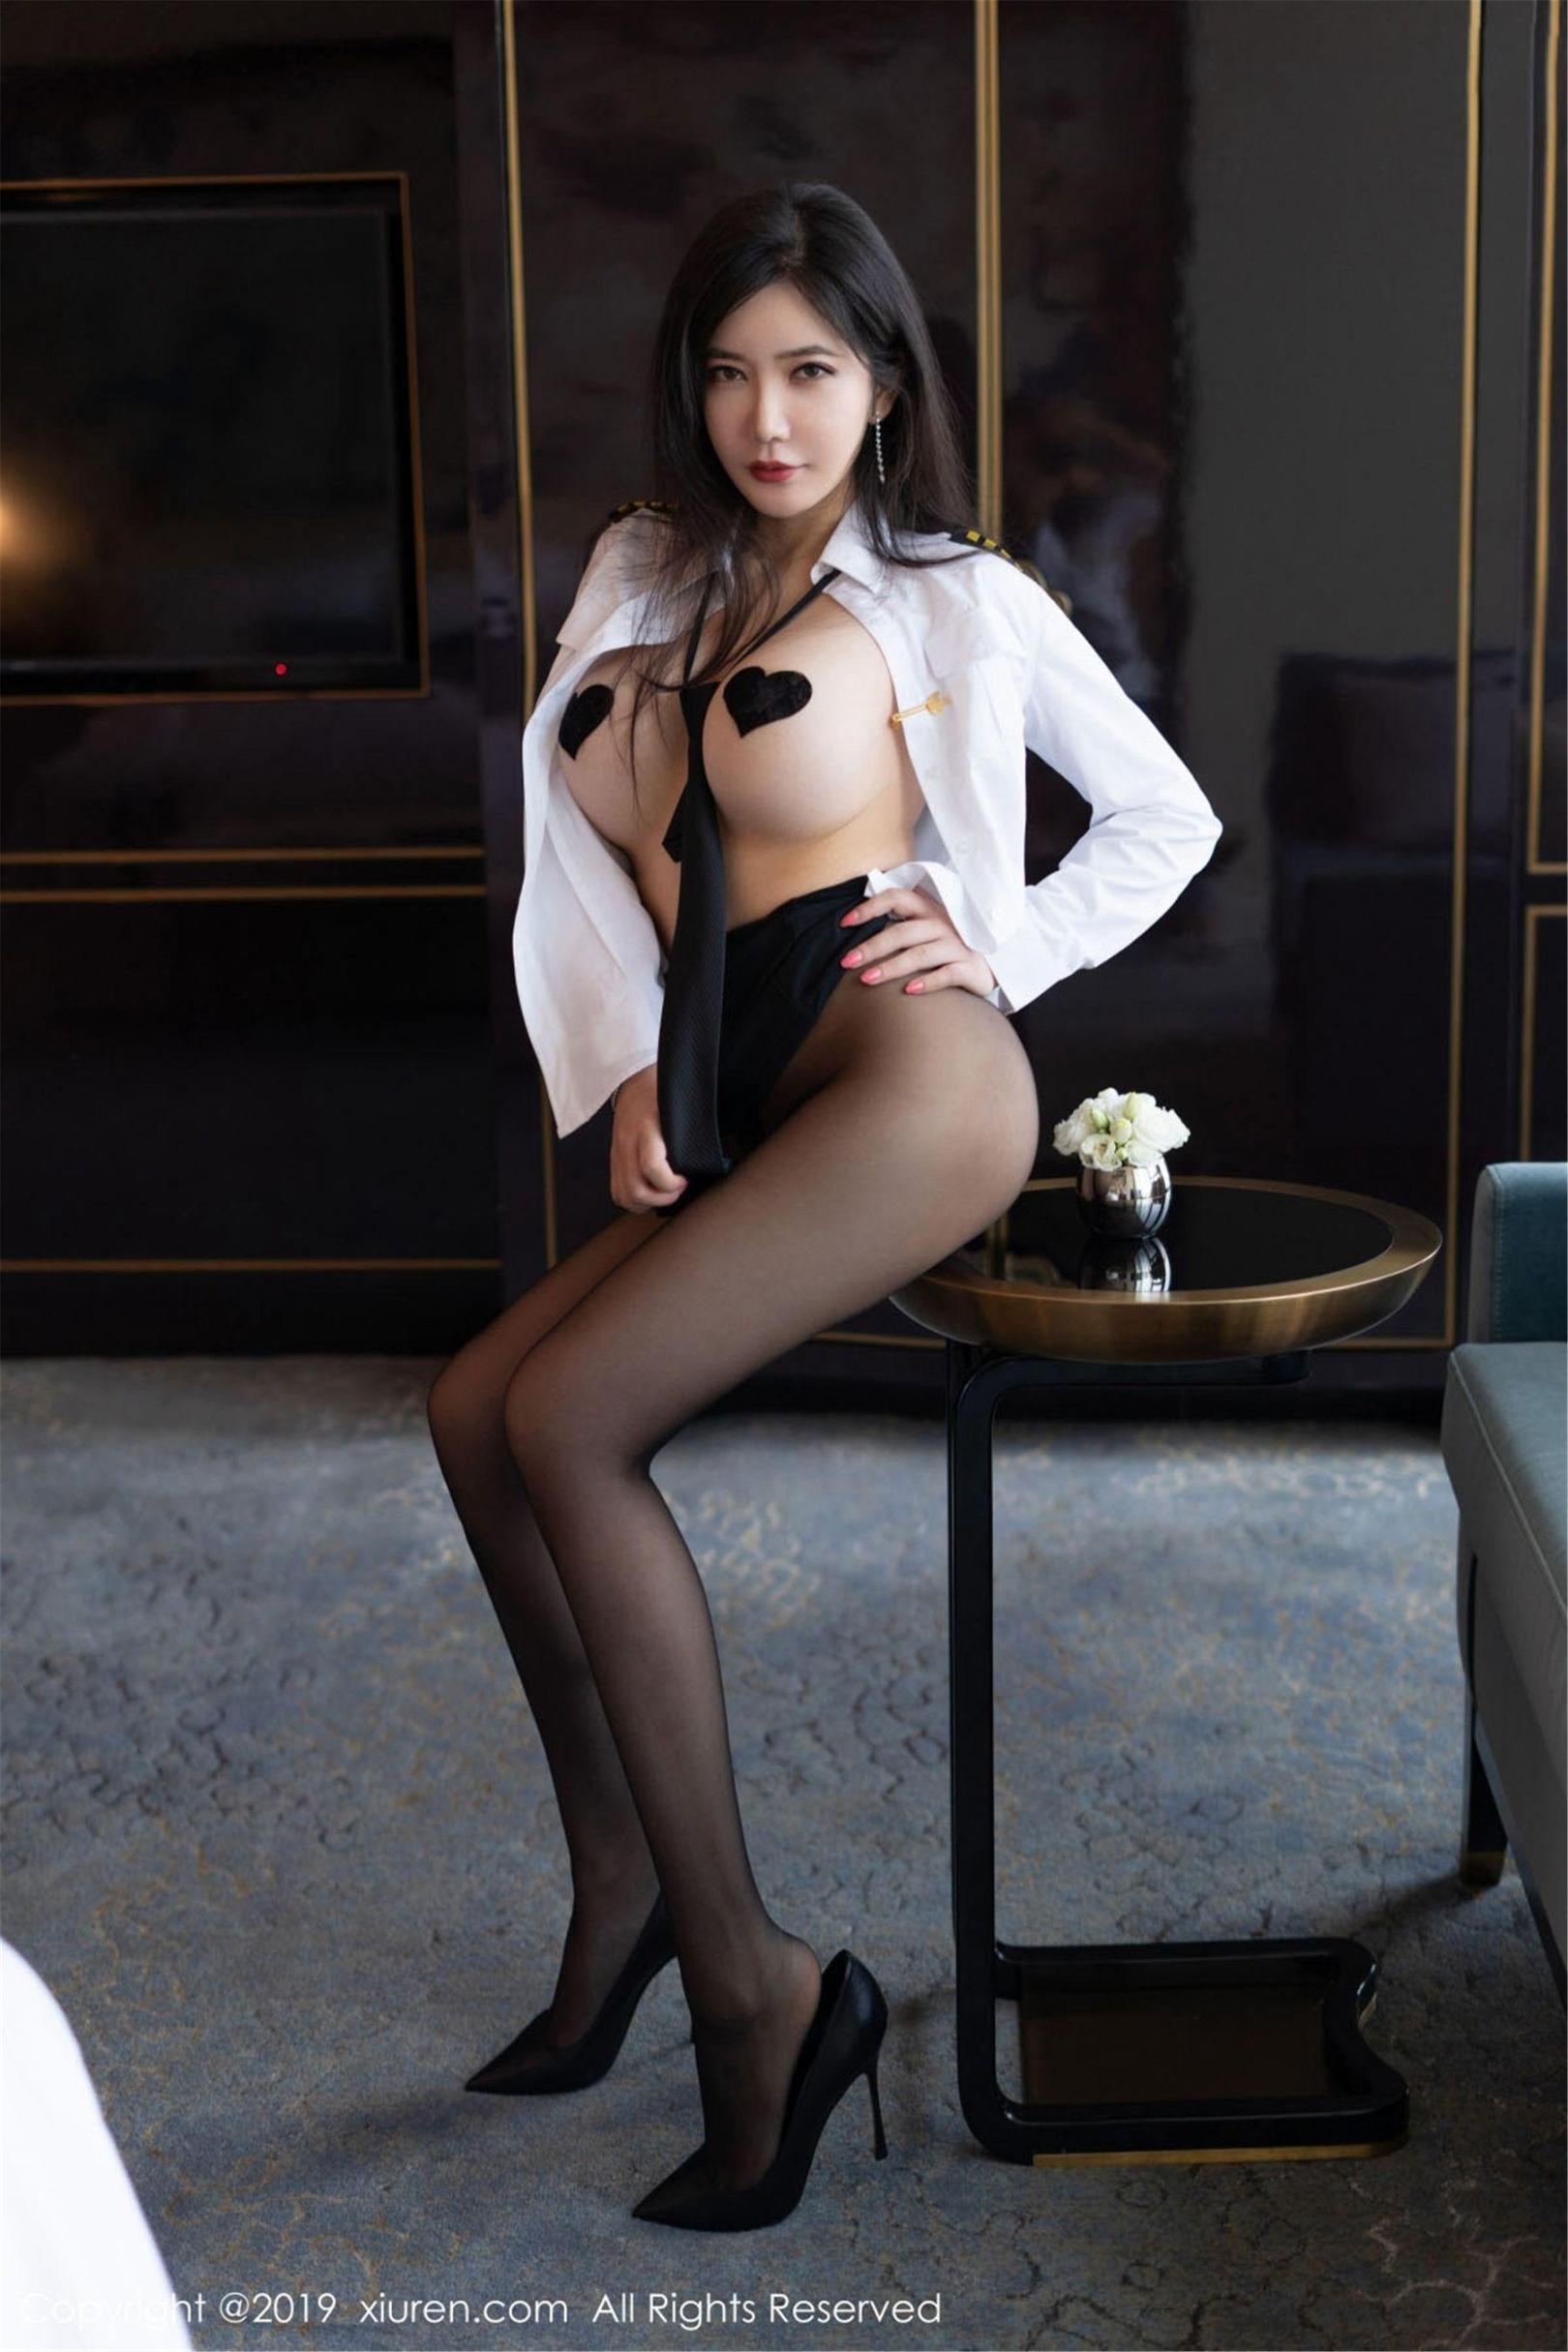 [尤果圈爱尤物] 李妍曦 白衬衫、黑丝袜 高清写真套图